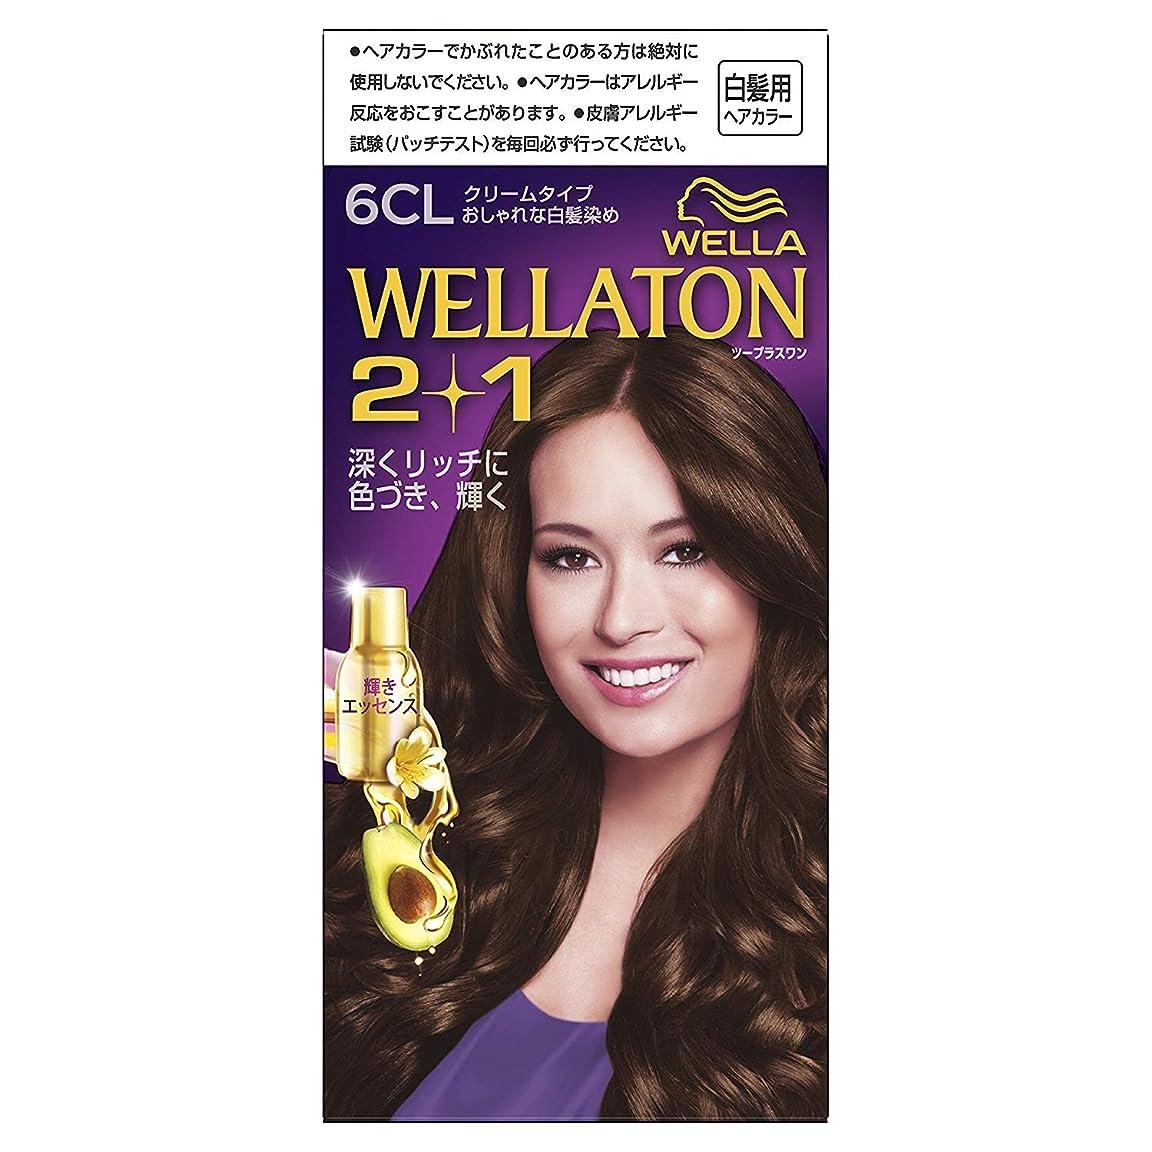 状登場しっとりウエラトーン2+1 クリームタイプ 6CL [医薬部外品]×3個